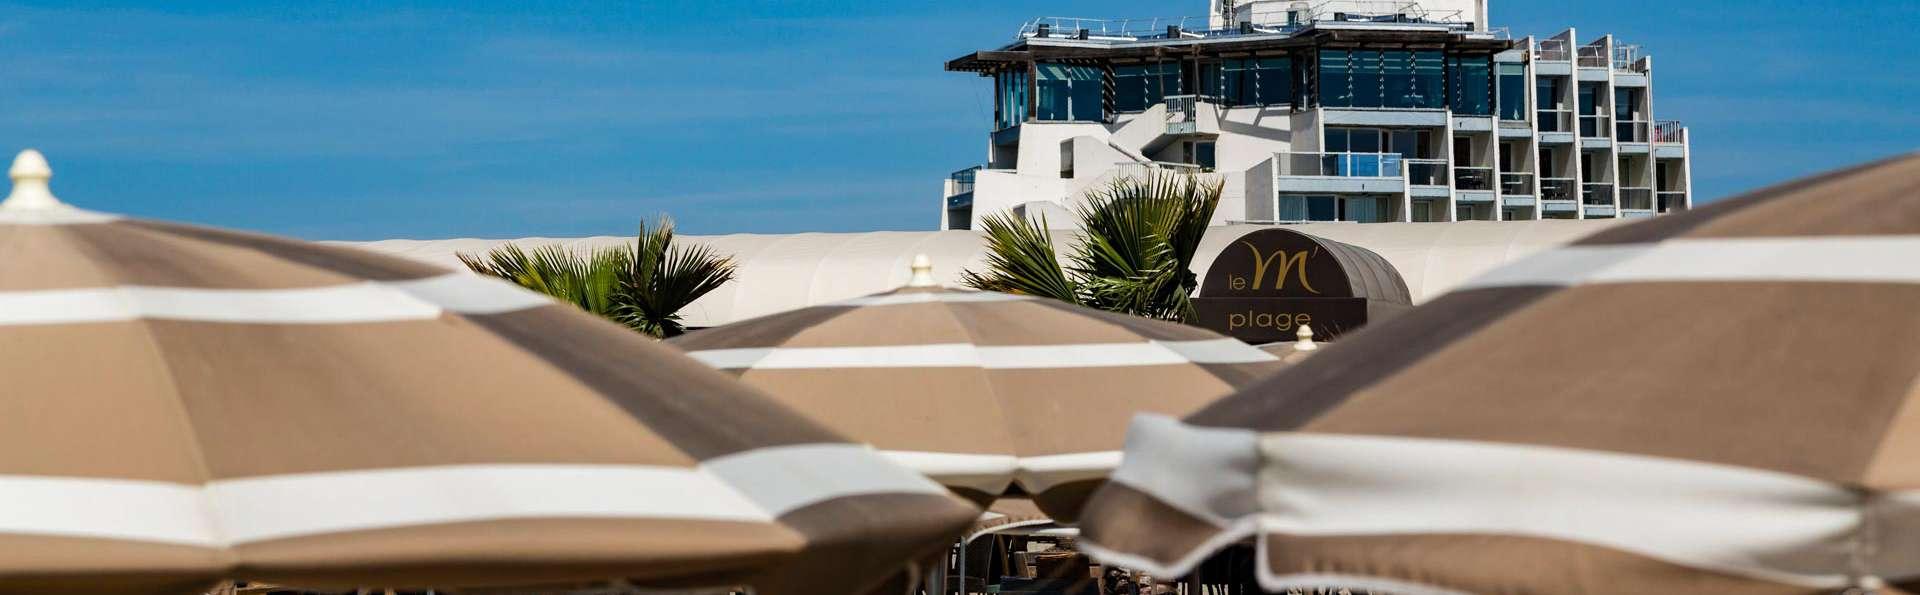 Hôtel les bains de Camargue & Spa by Thalazur - EDIT_EXTERIOR_01.jpg